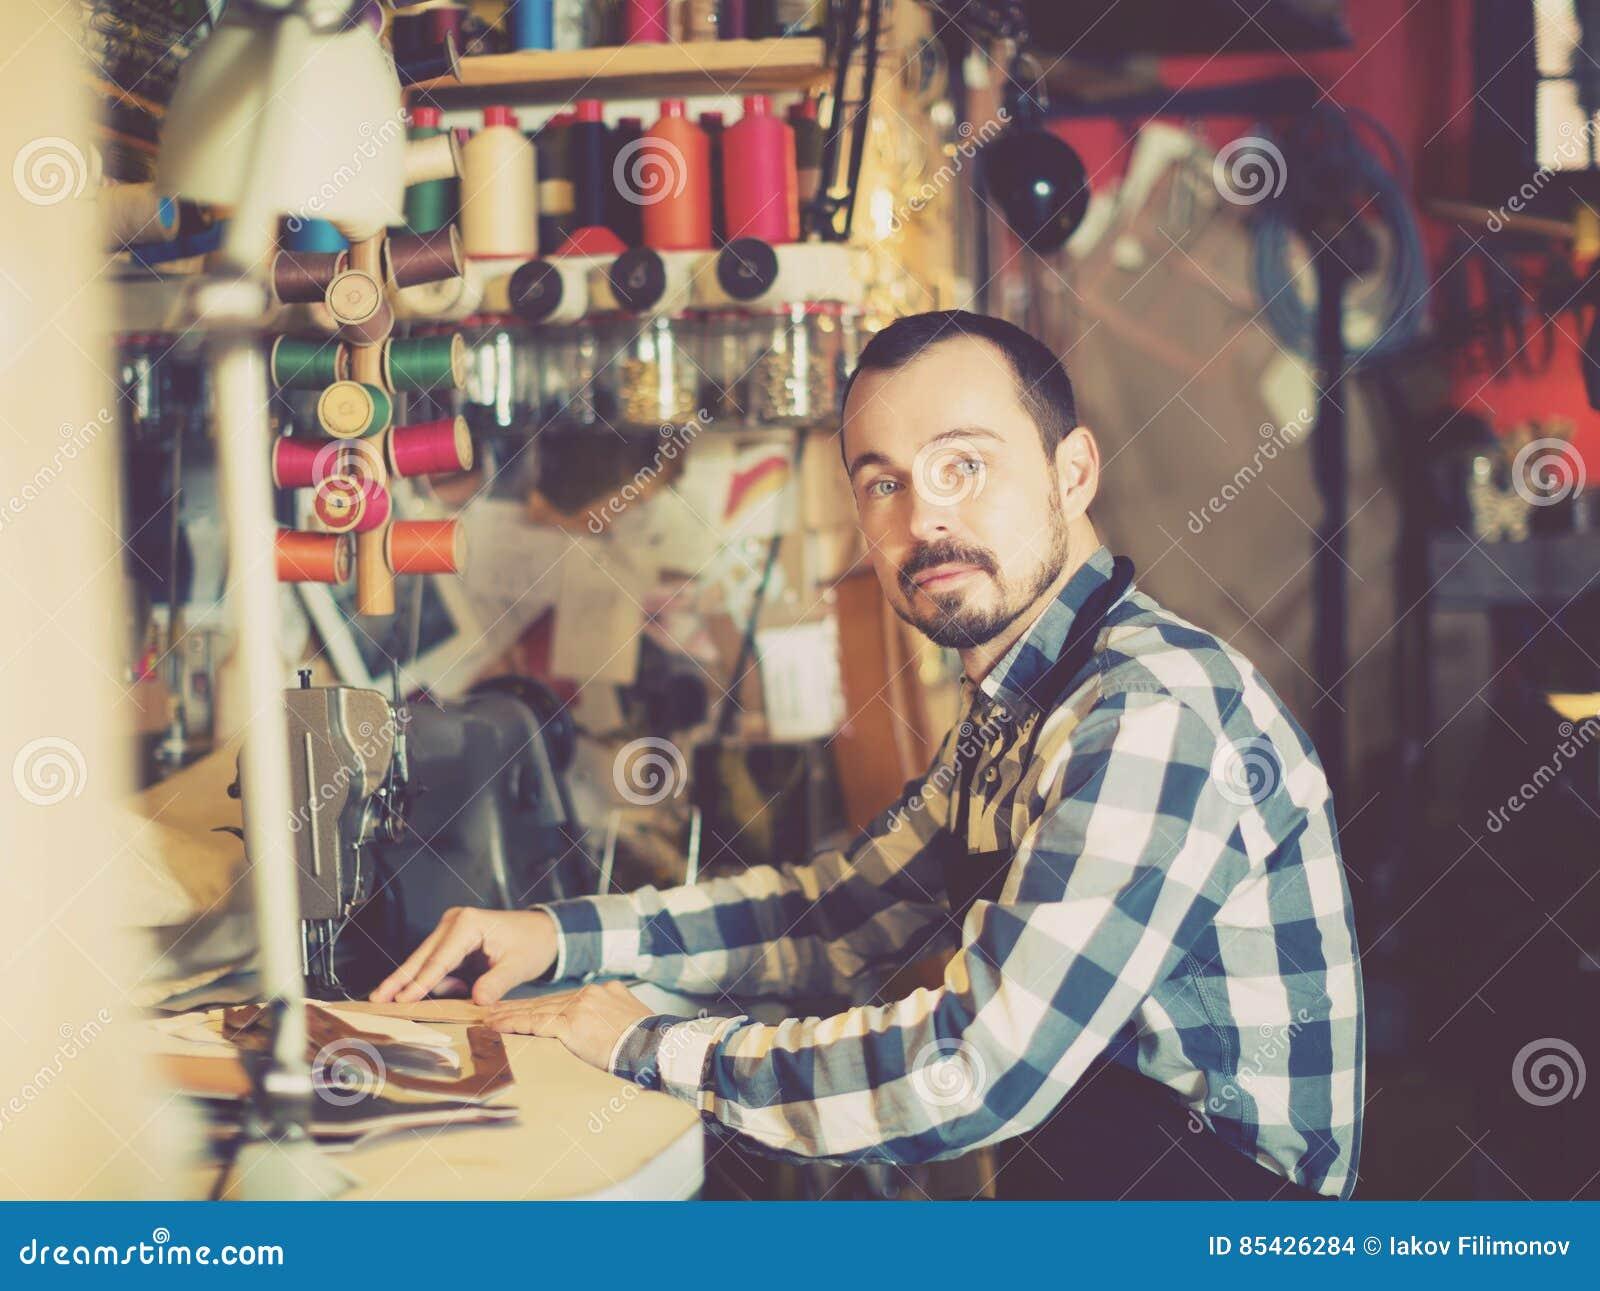 Εργατικό άτομο που εργάζεται στις βελονιές για τη ζώνη